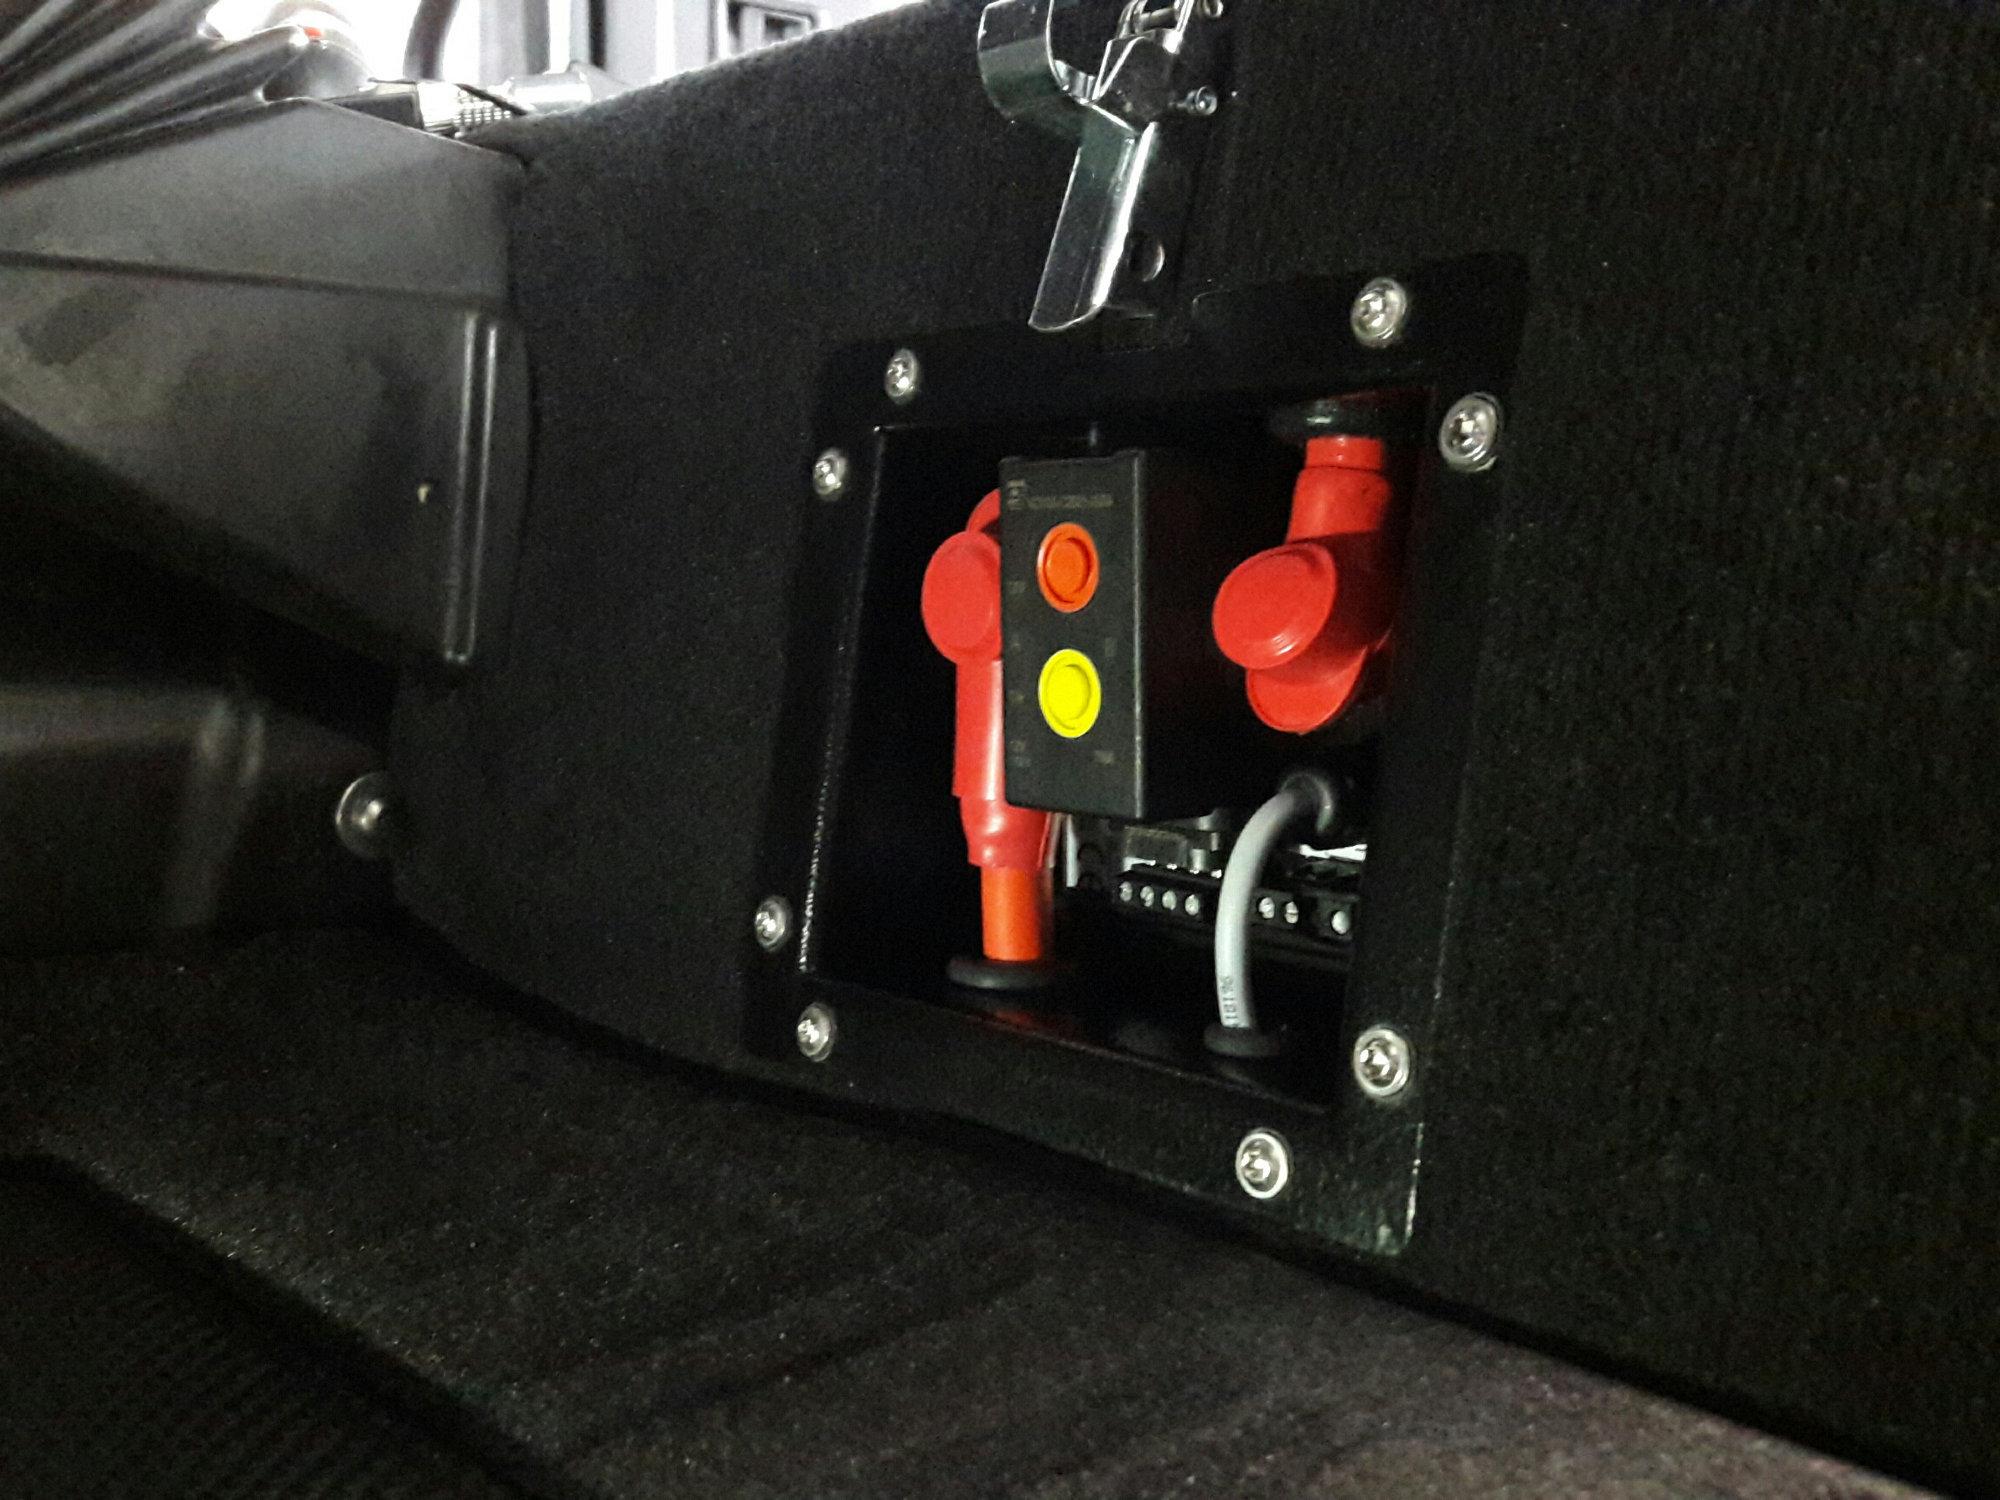 der mit dem Doppelbatteriesystem eingebaute fernsteuerbare Batteriehauptschalter ist Grundbaustein für das später zu installierende Philippi Bus-System